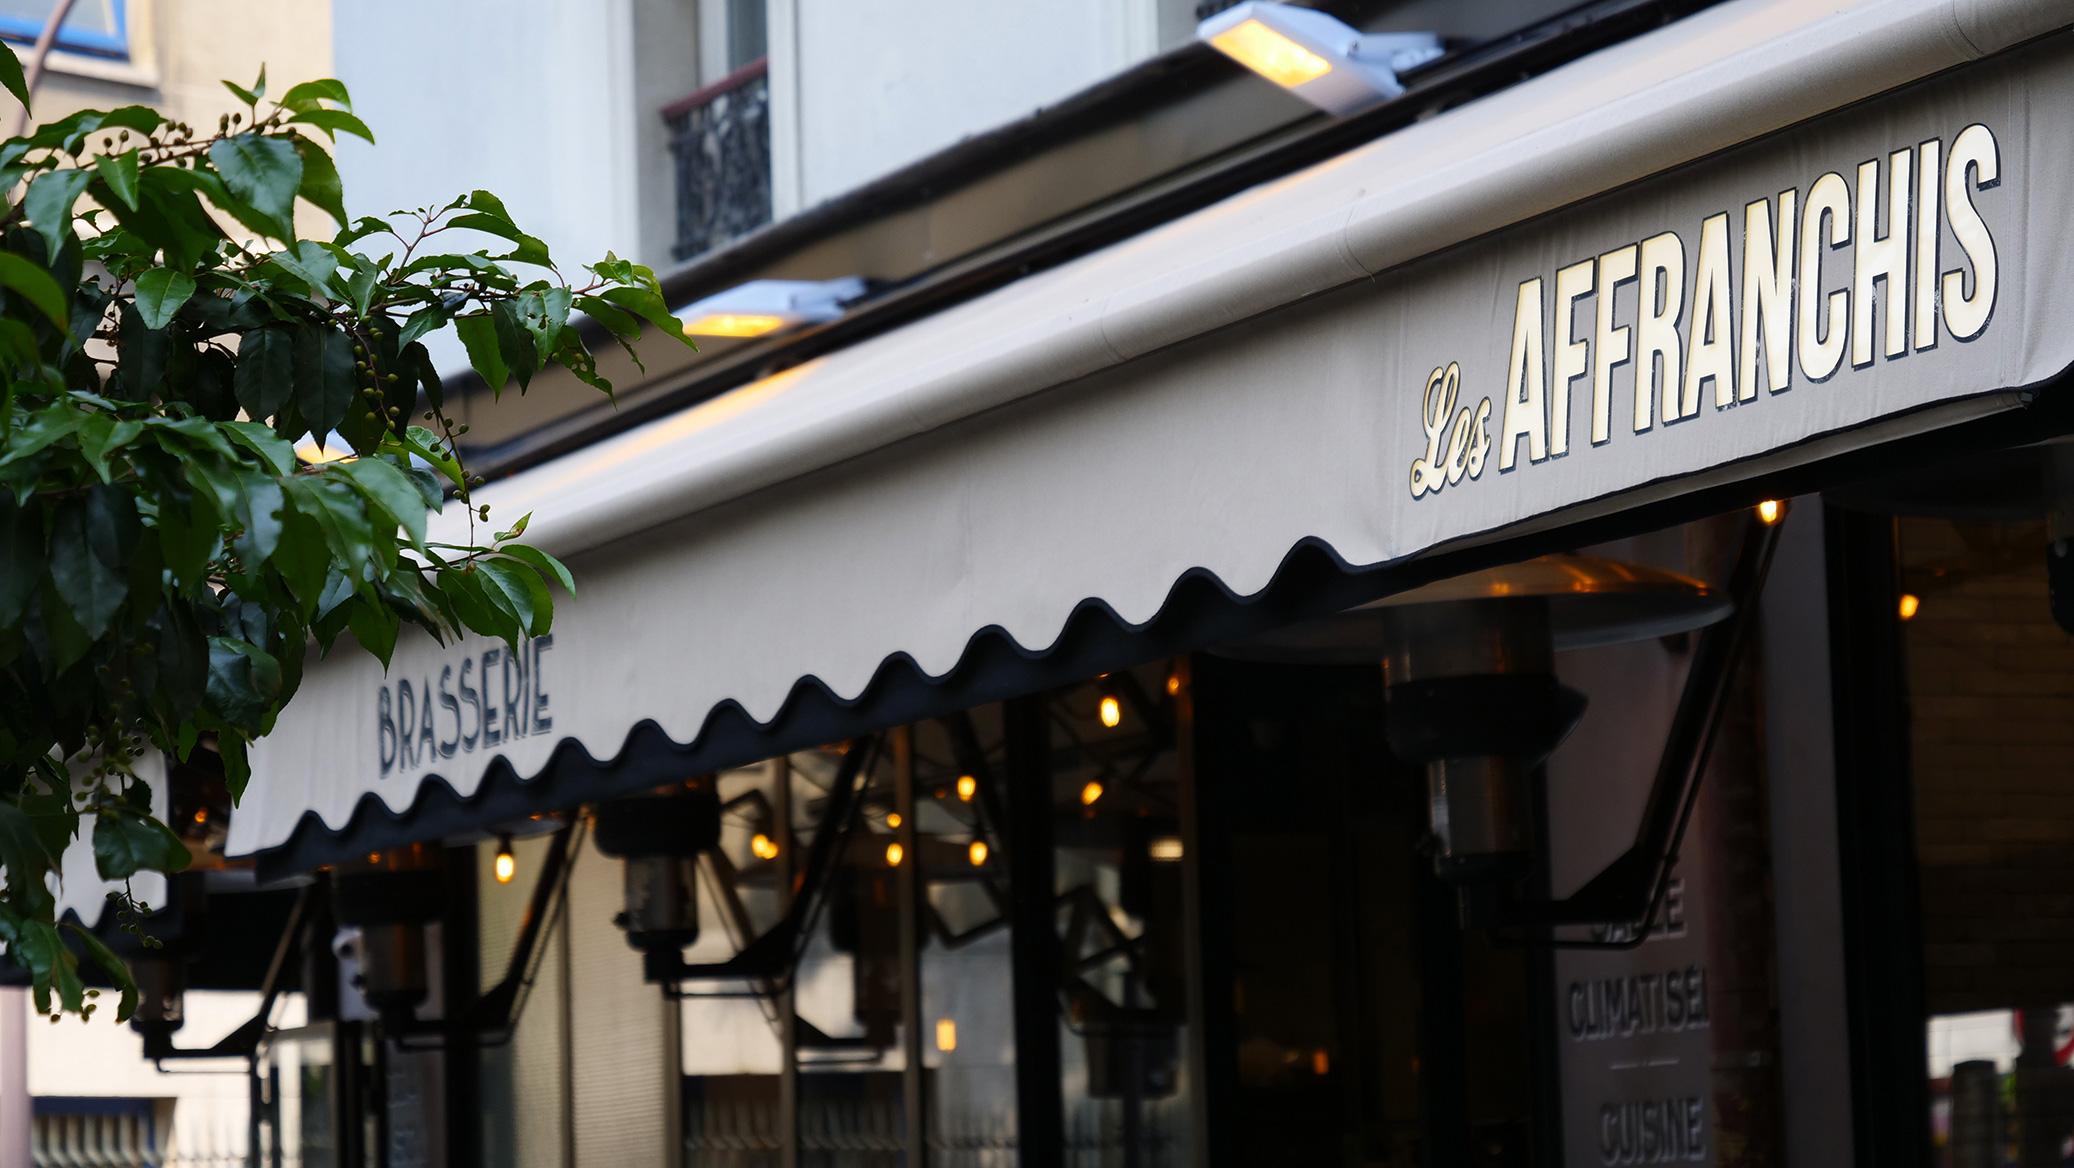 Rideau Les Affranchis Paris 13e